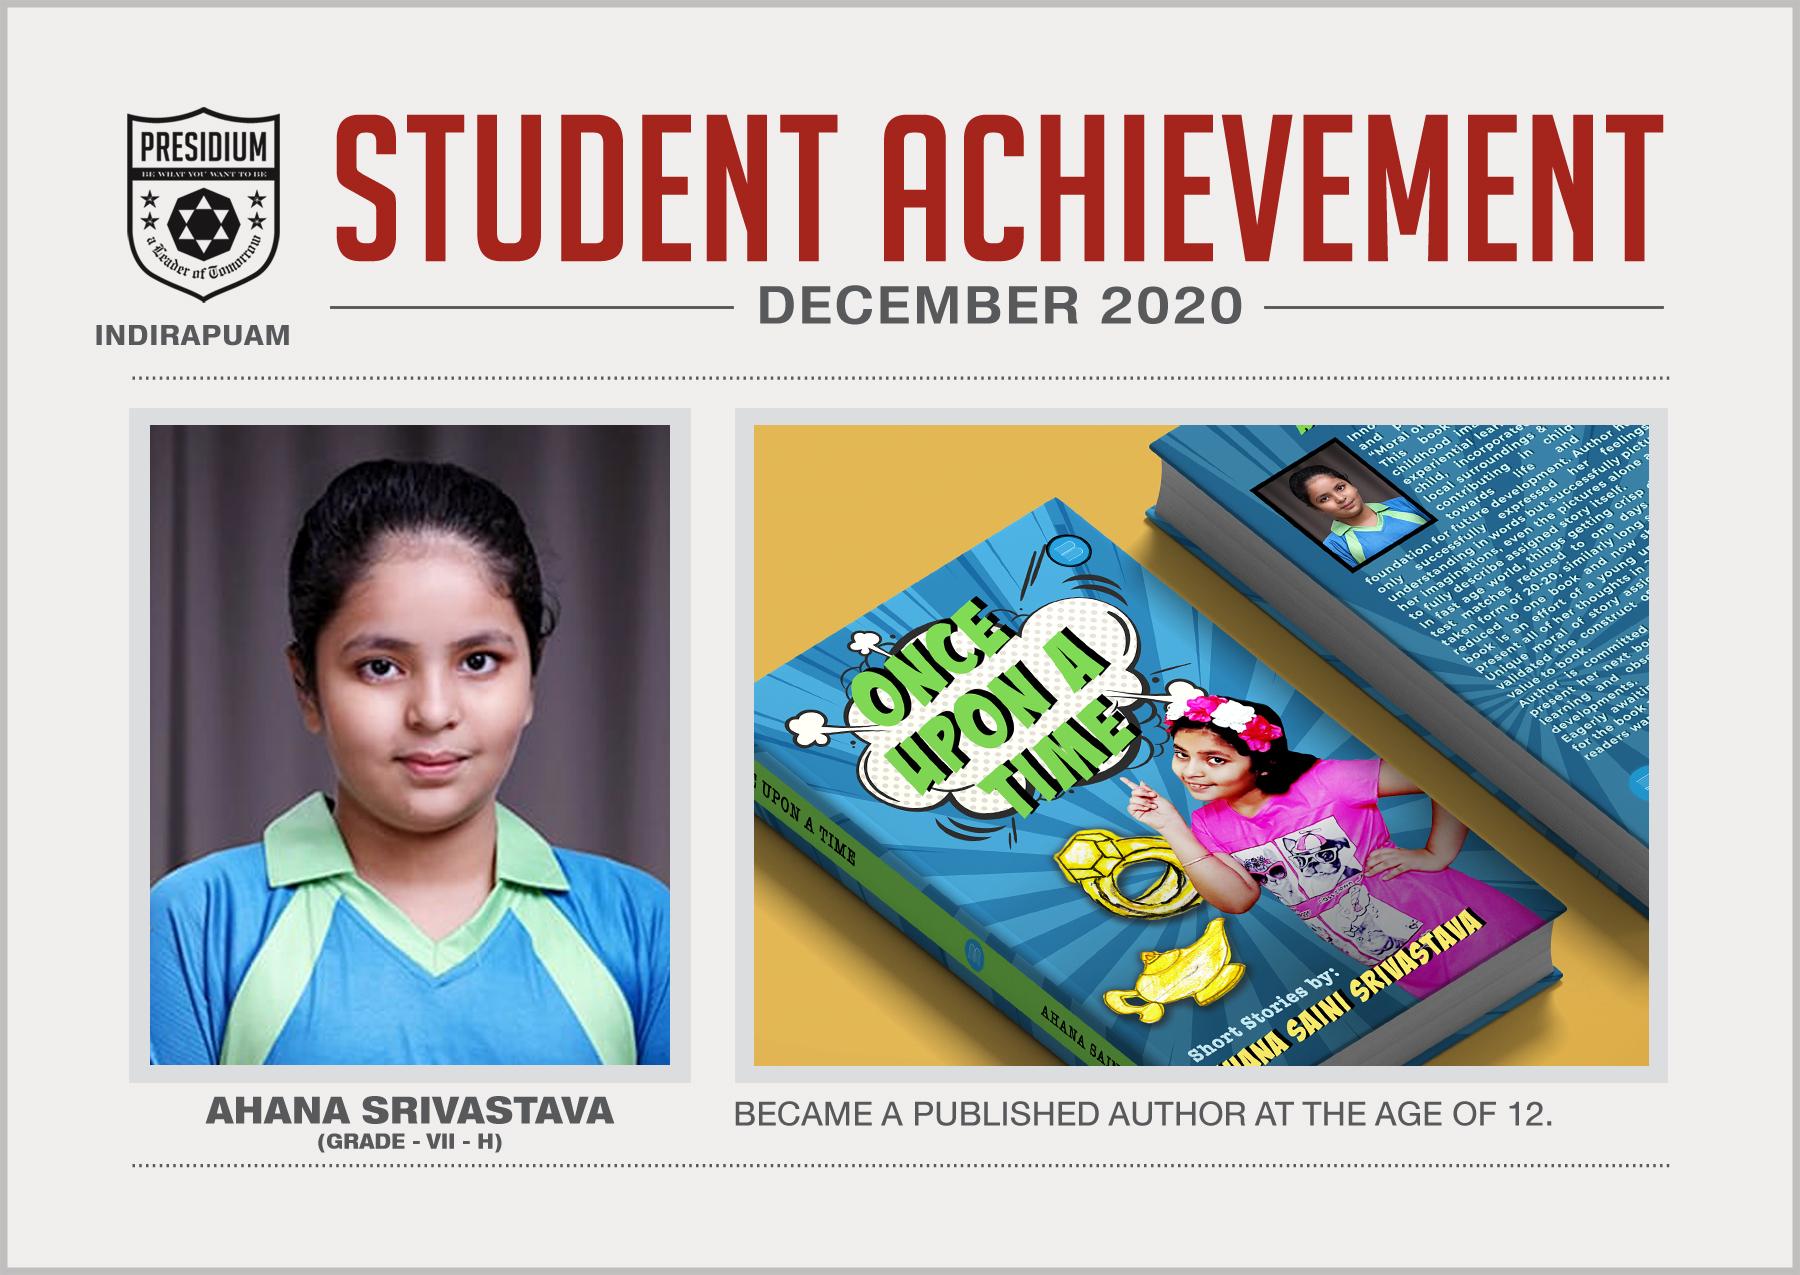 Achievement - Ahana Srivastava's 1st book